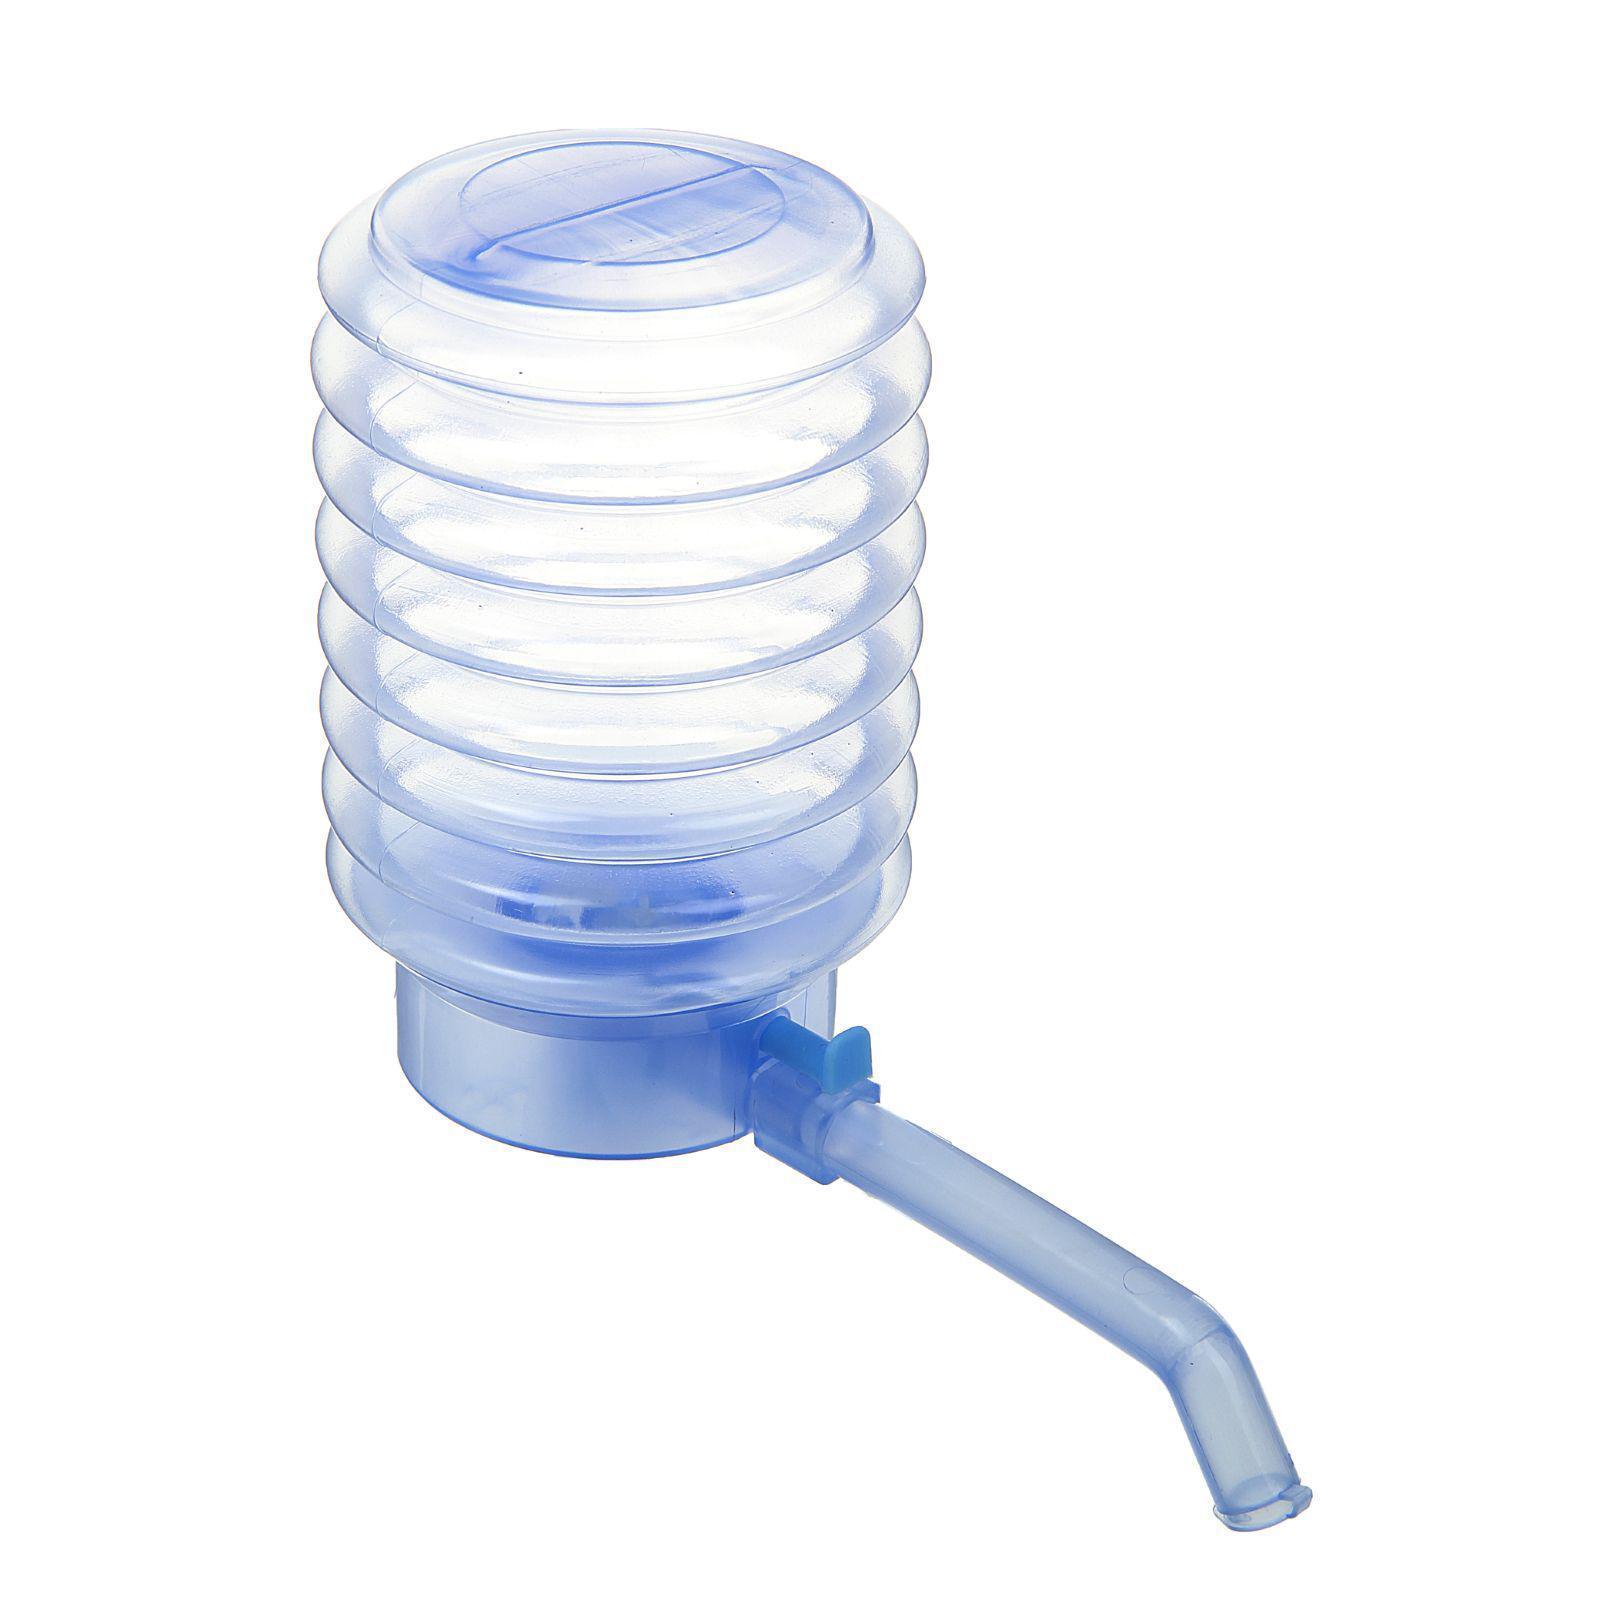 Помпа для воды Luazon прозрачная, длина трубки 48 см (1430084 ... f2bfa0a652b